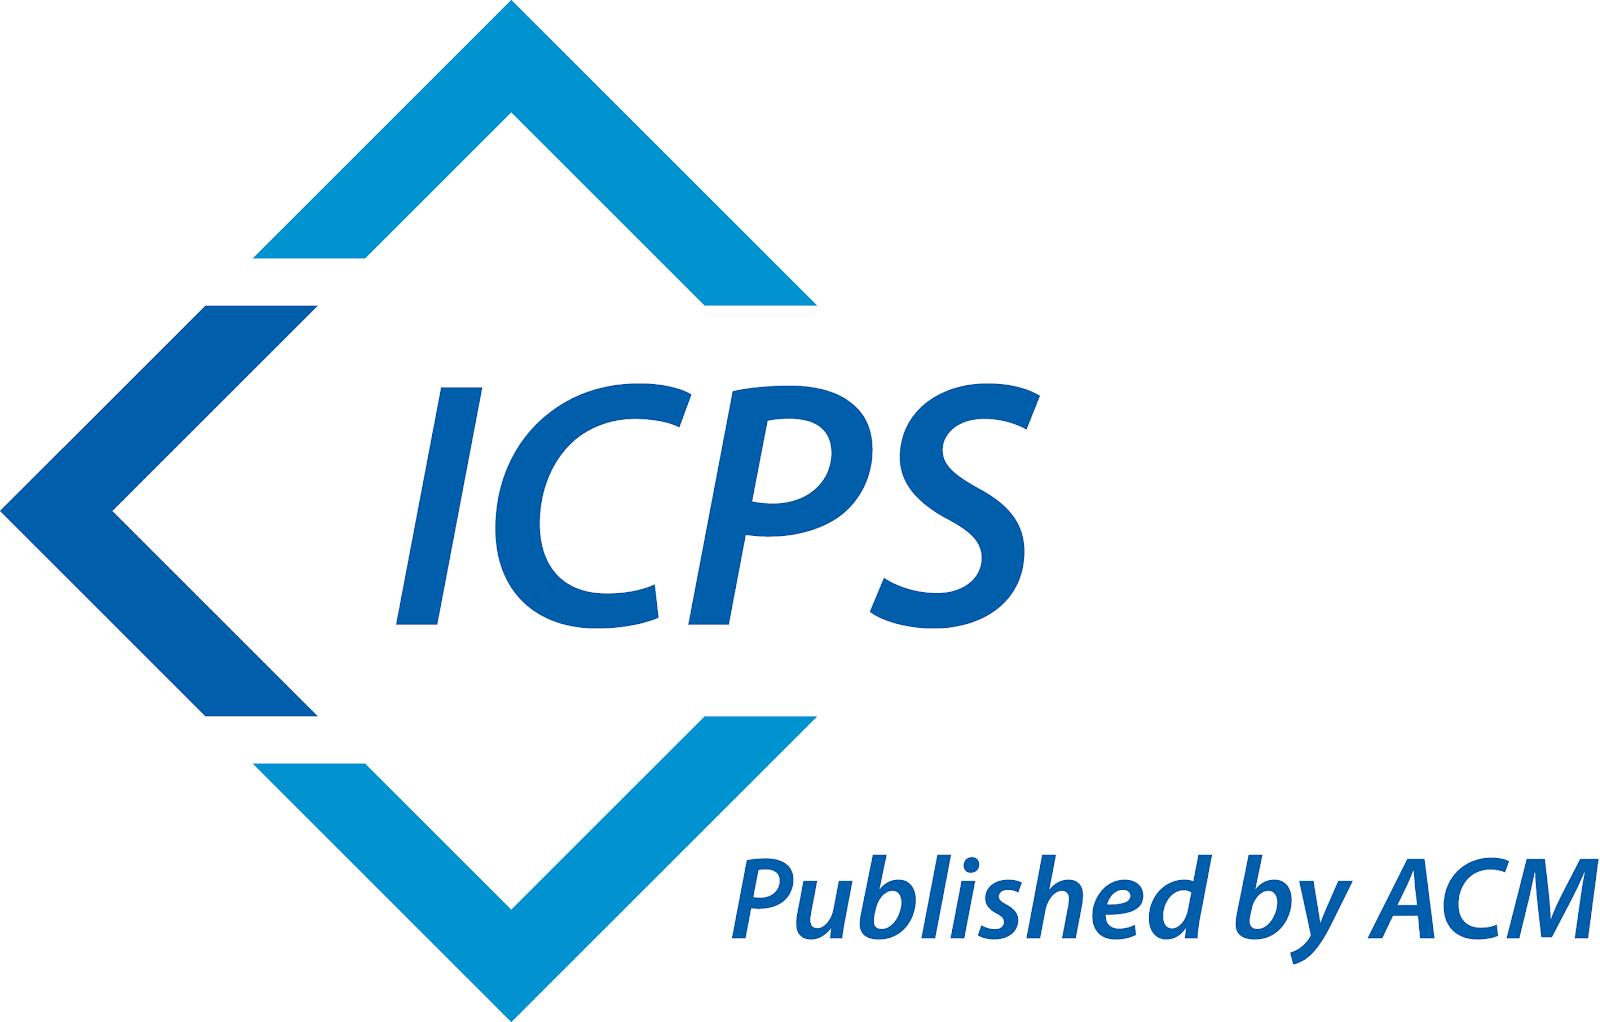 ACM ICPS v.2B